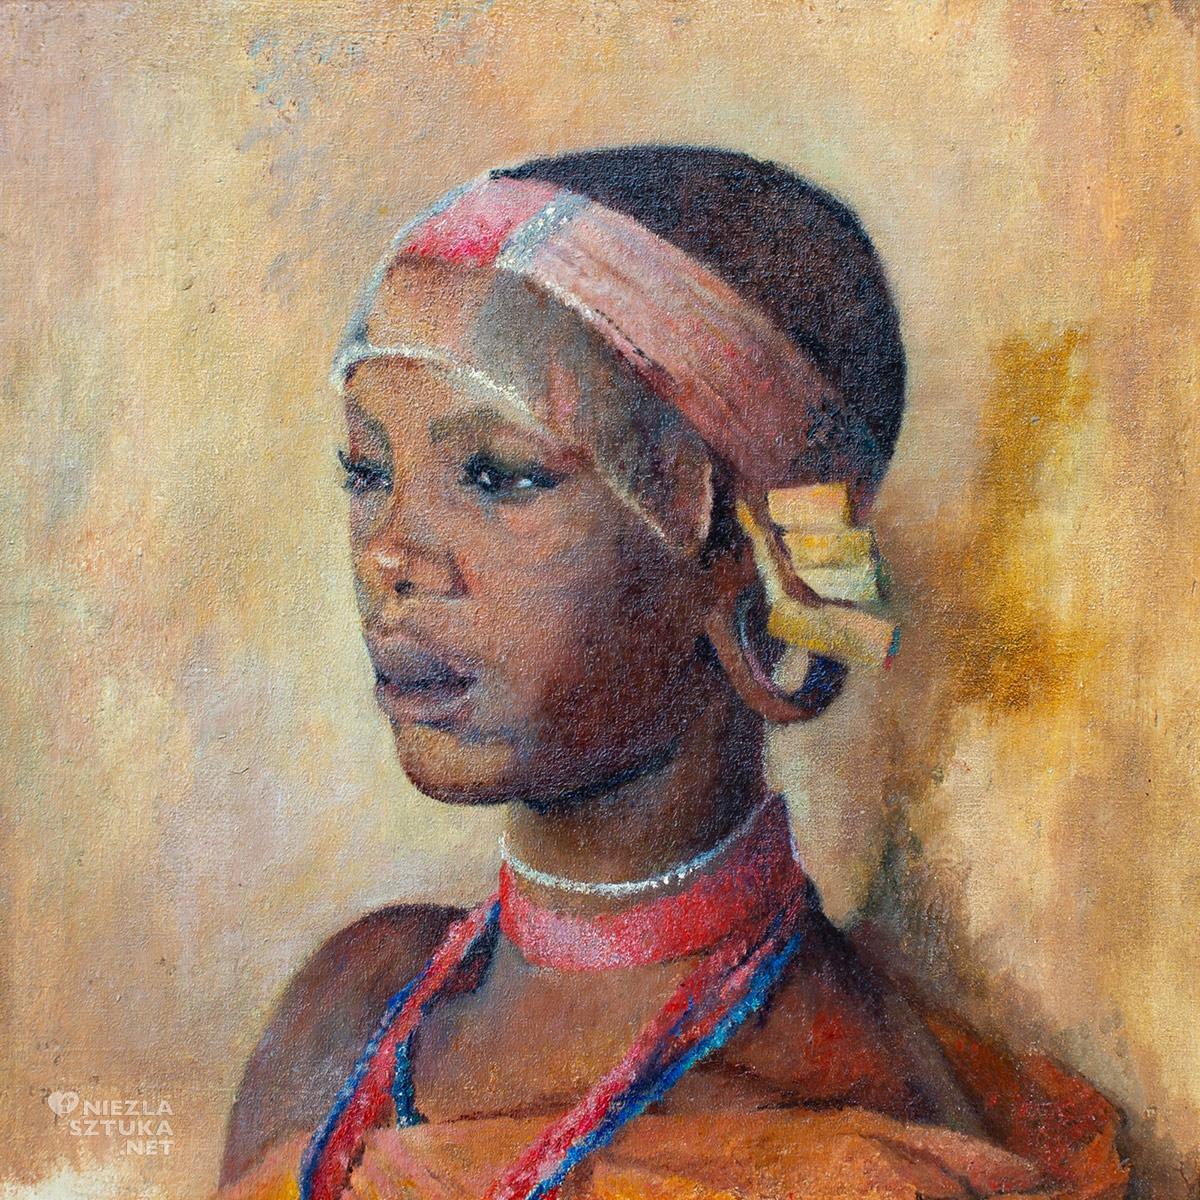 Karen Blixen, Pożegnanie z Afryką, literatura, Dania, Kenia, malarstwo, kobiety w sztuce, Niezła Sztuka